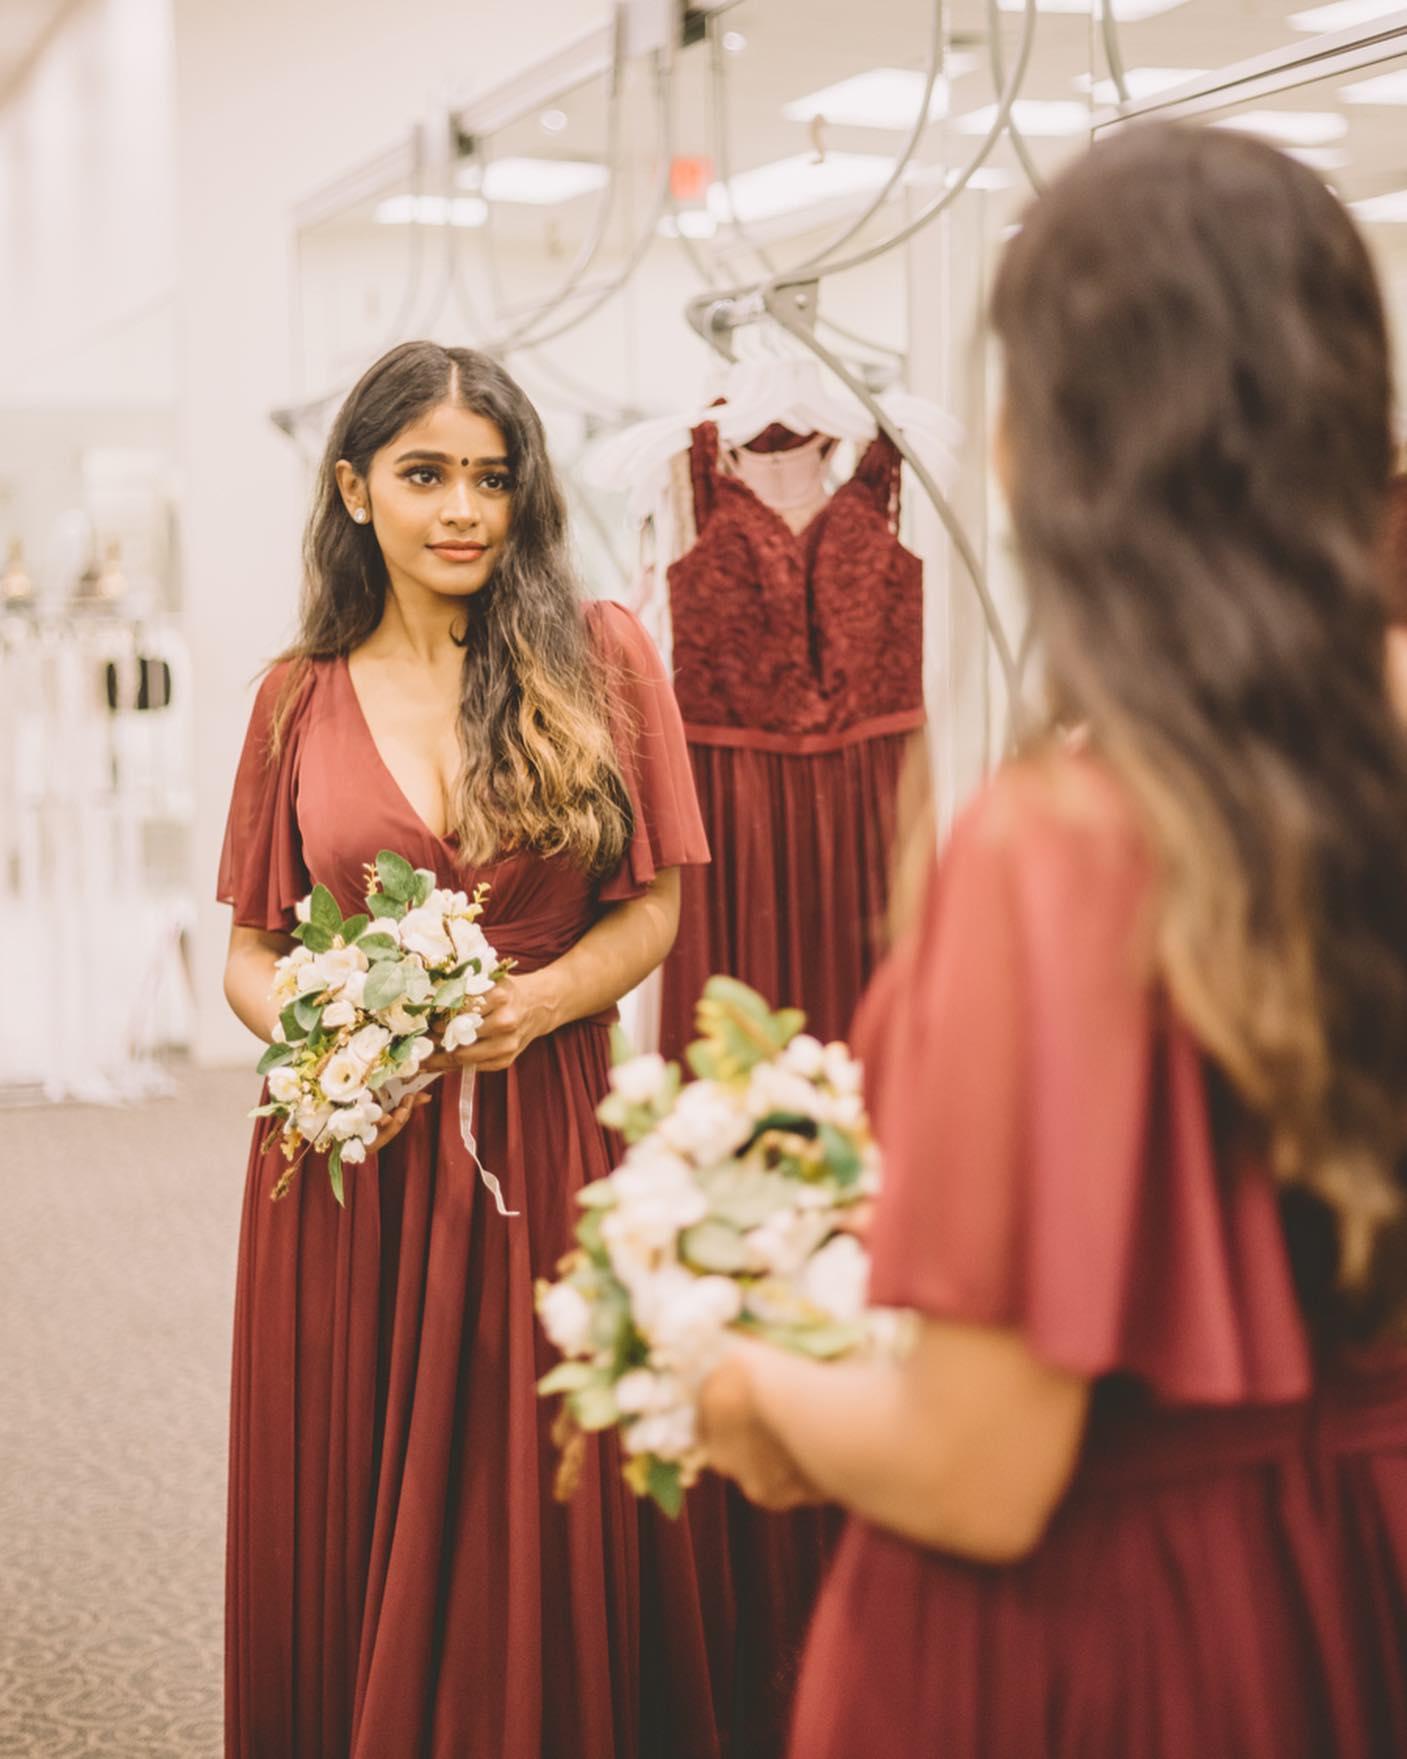 girl shopping for dress at david's bridal